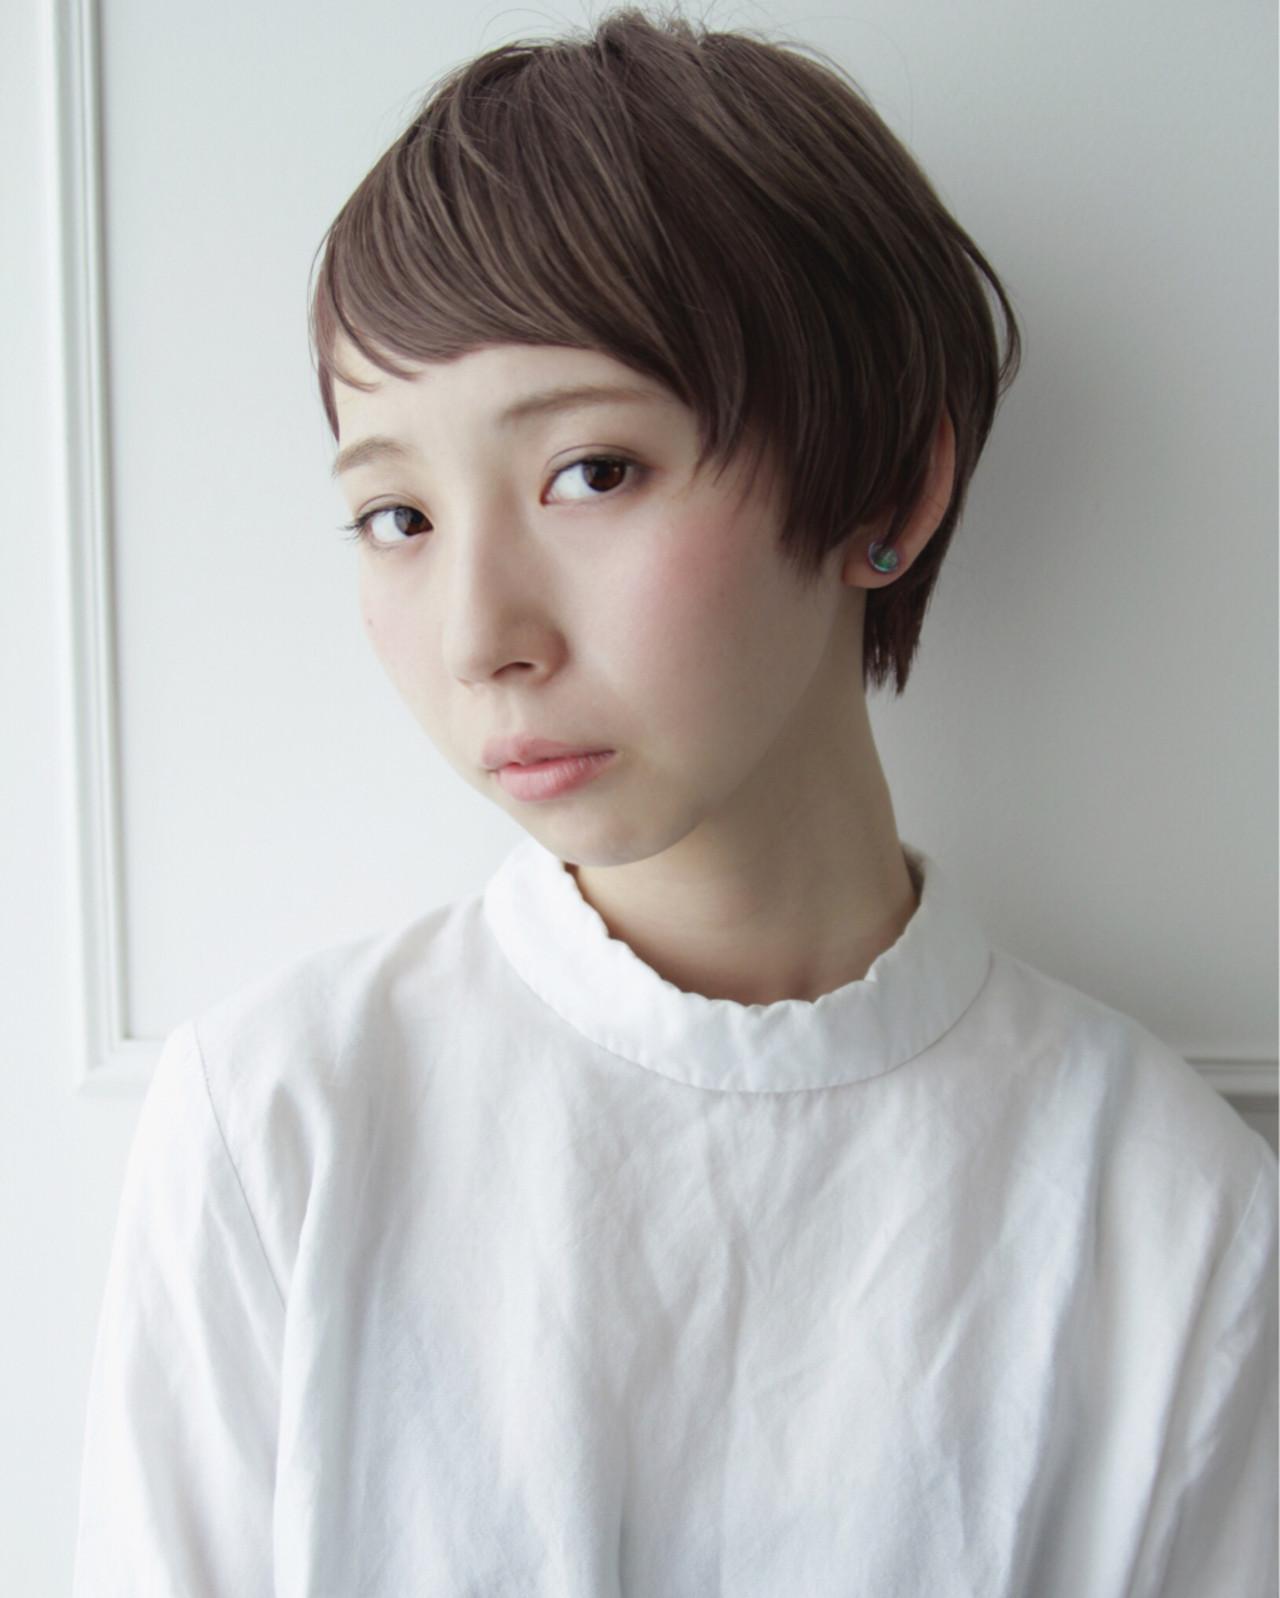 ベリーショートはワックスやピンで楽しんで!スタイルバリエ紹介  安村 美奈